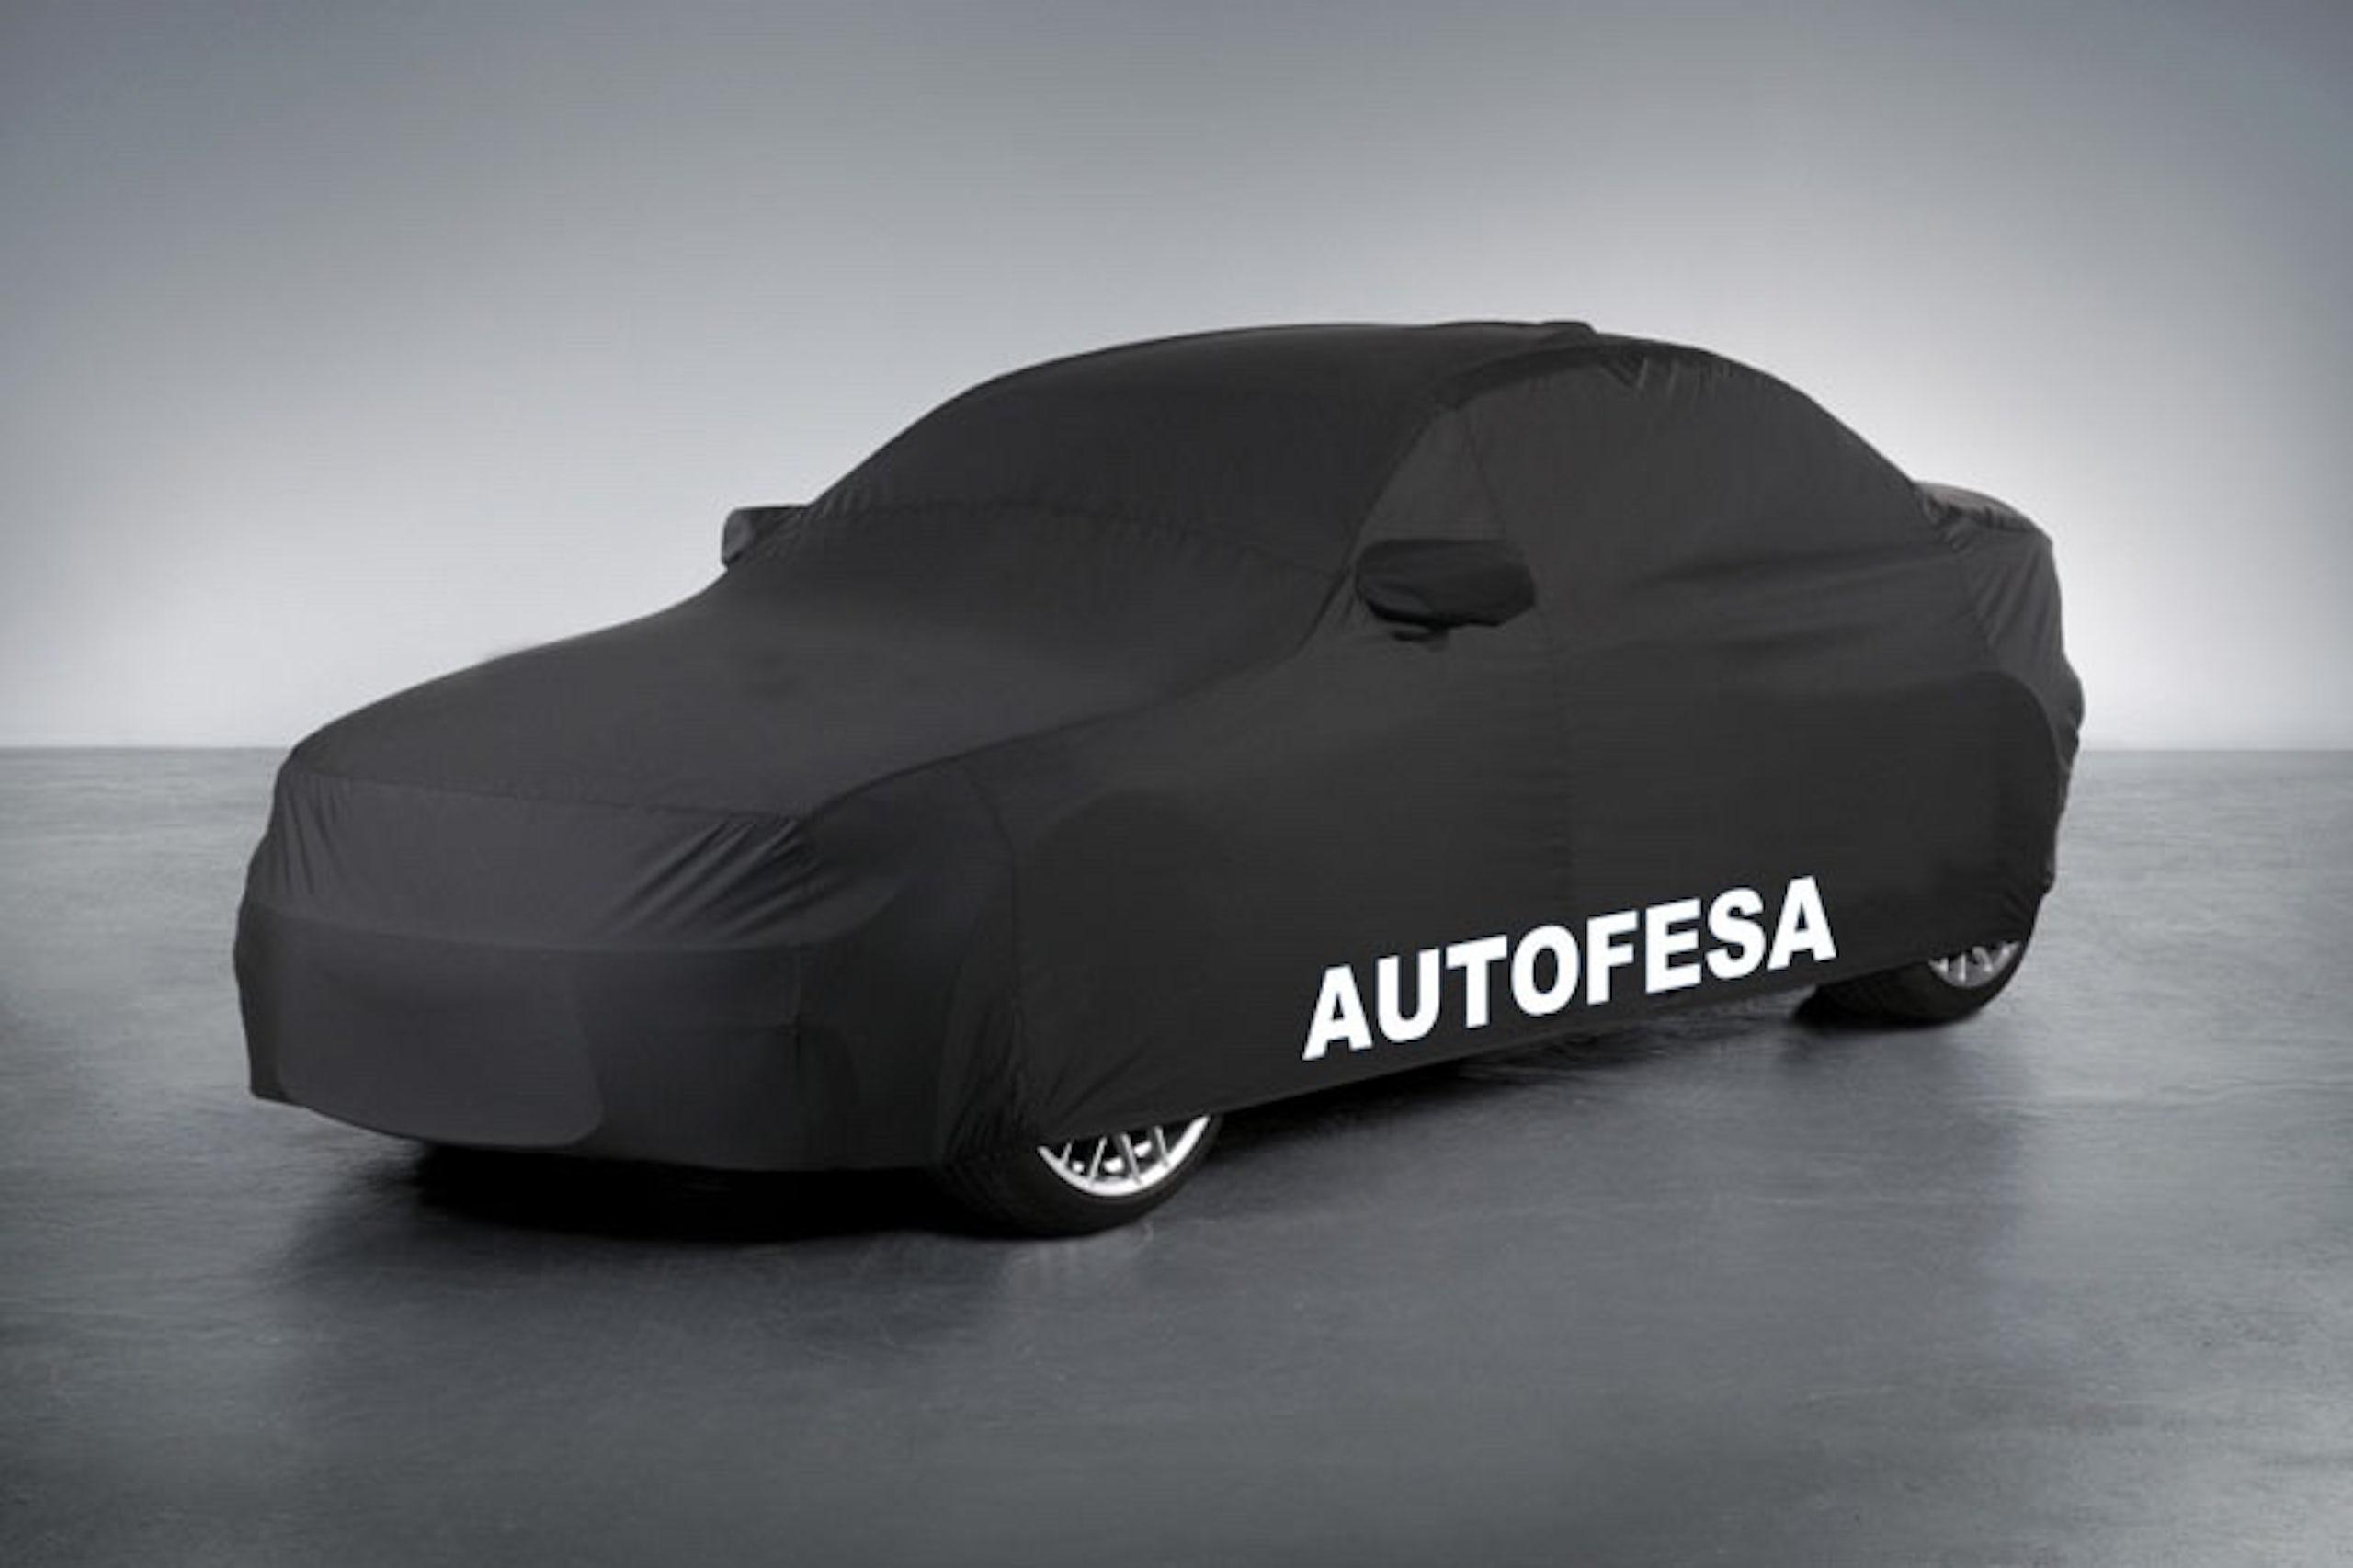 Audi A4 Avant 2.0 TDI 150cv Auto 5p S/S - Foto 39